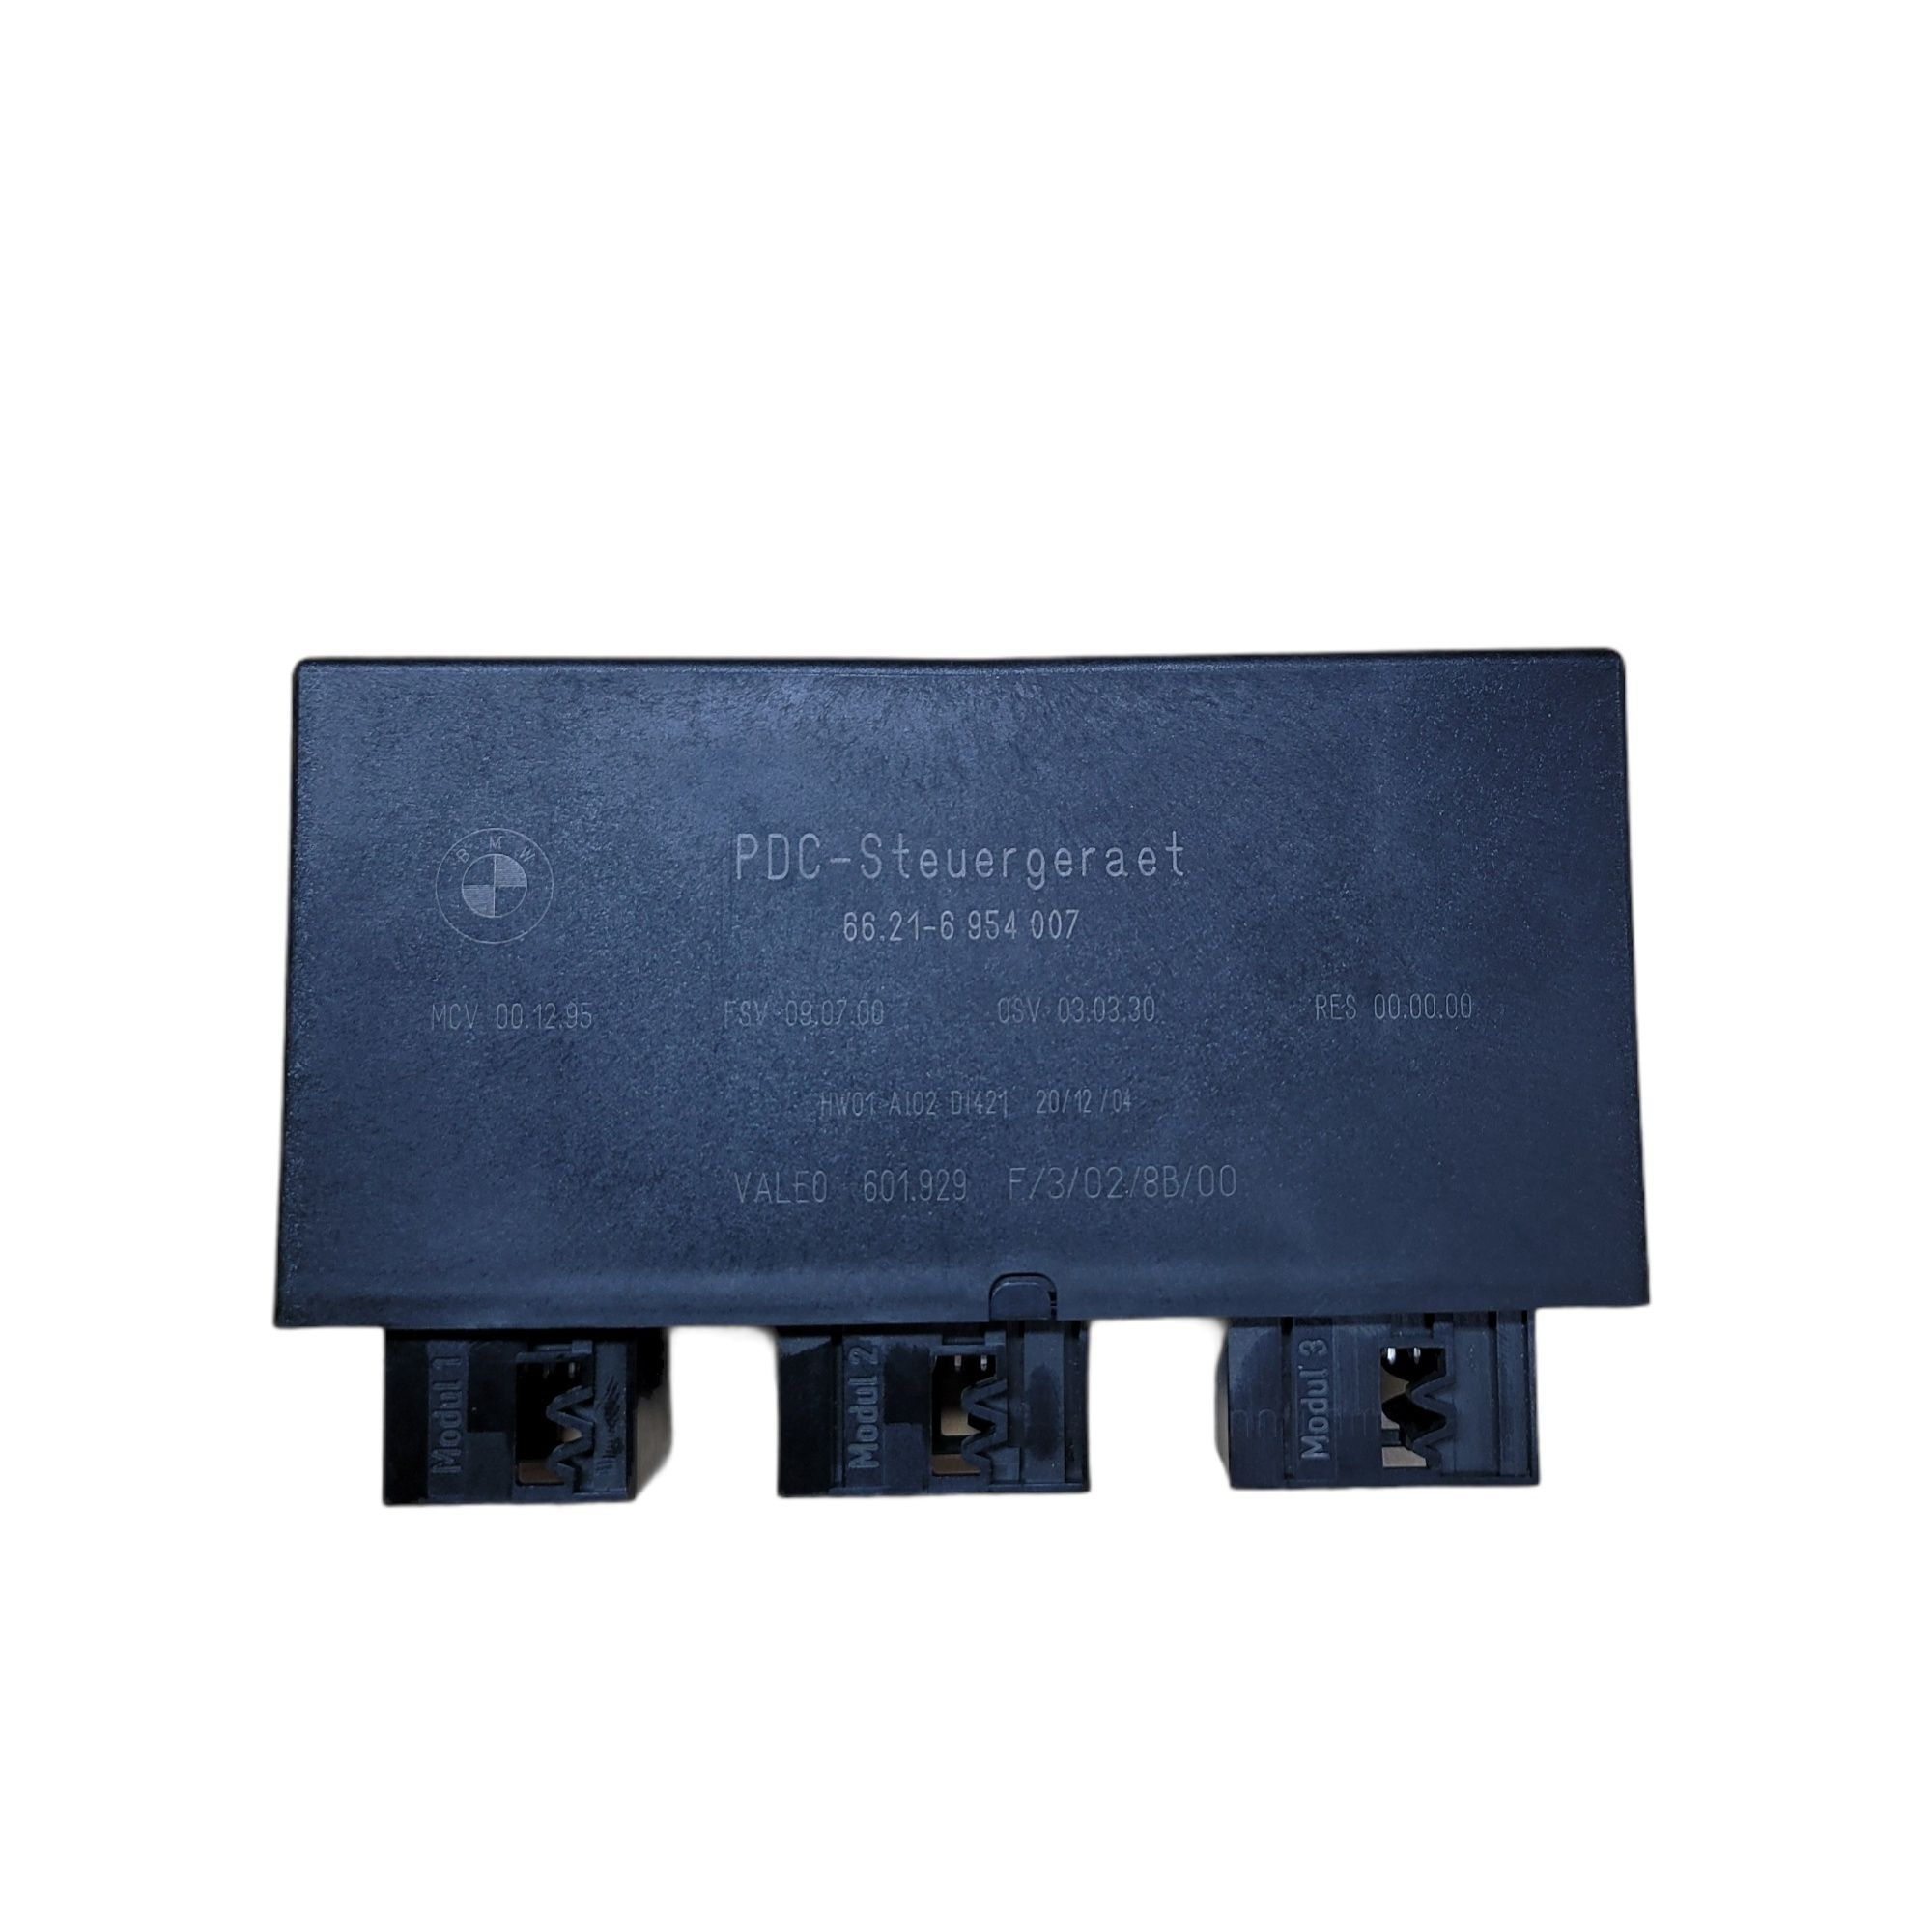 Модул за парктроник PDC module BMW E60 E61 e63 E65 E66 БМВ Е60 Е61 Е63